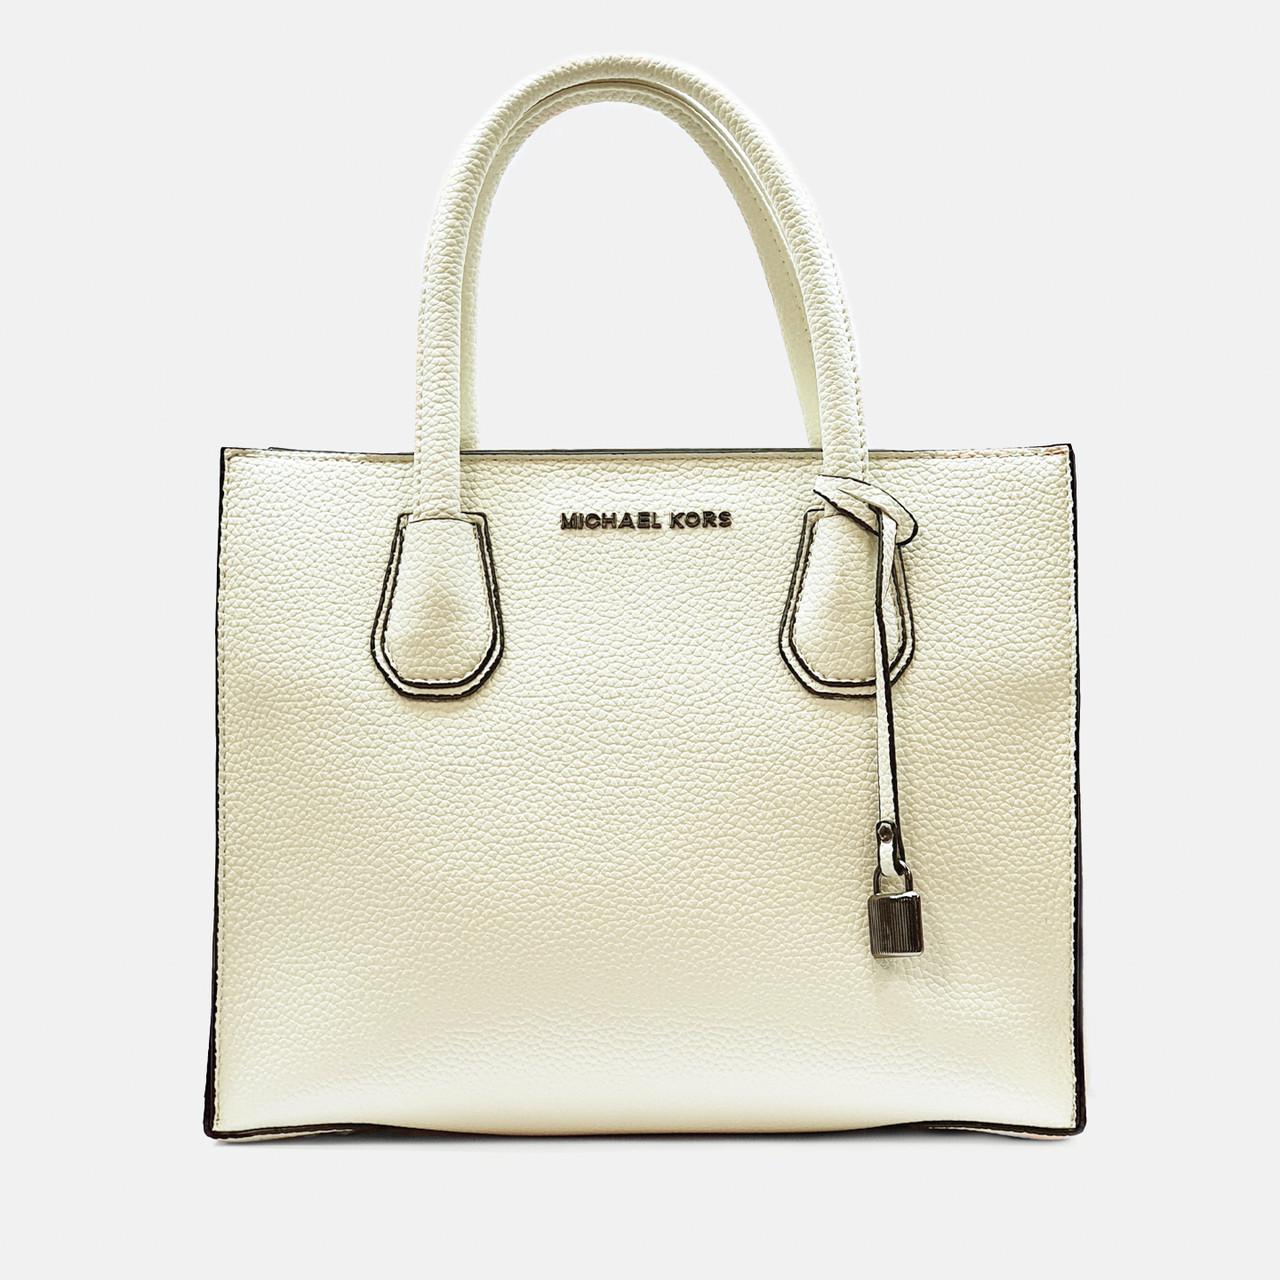 Жіноча середня сумка бежева MK велика повсякденна